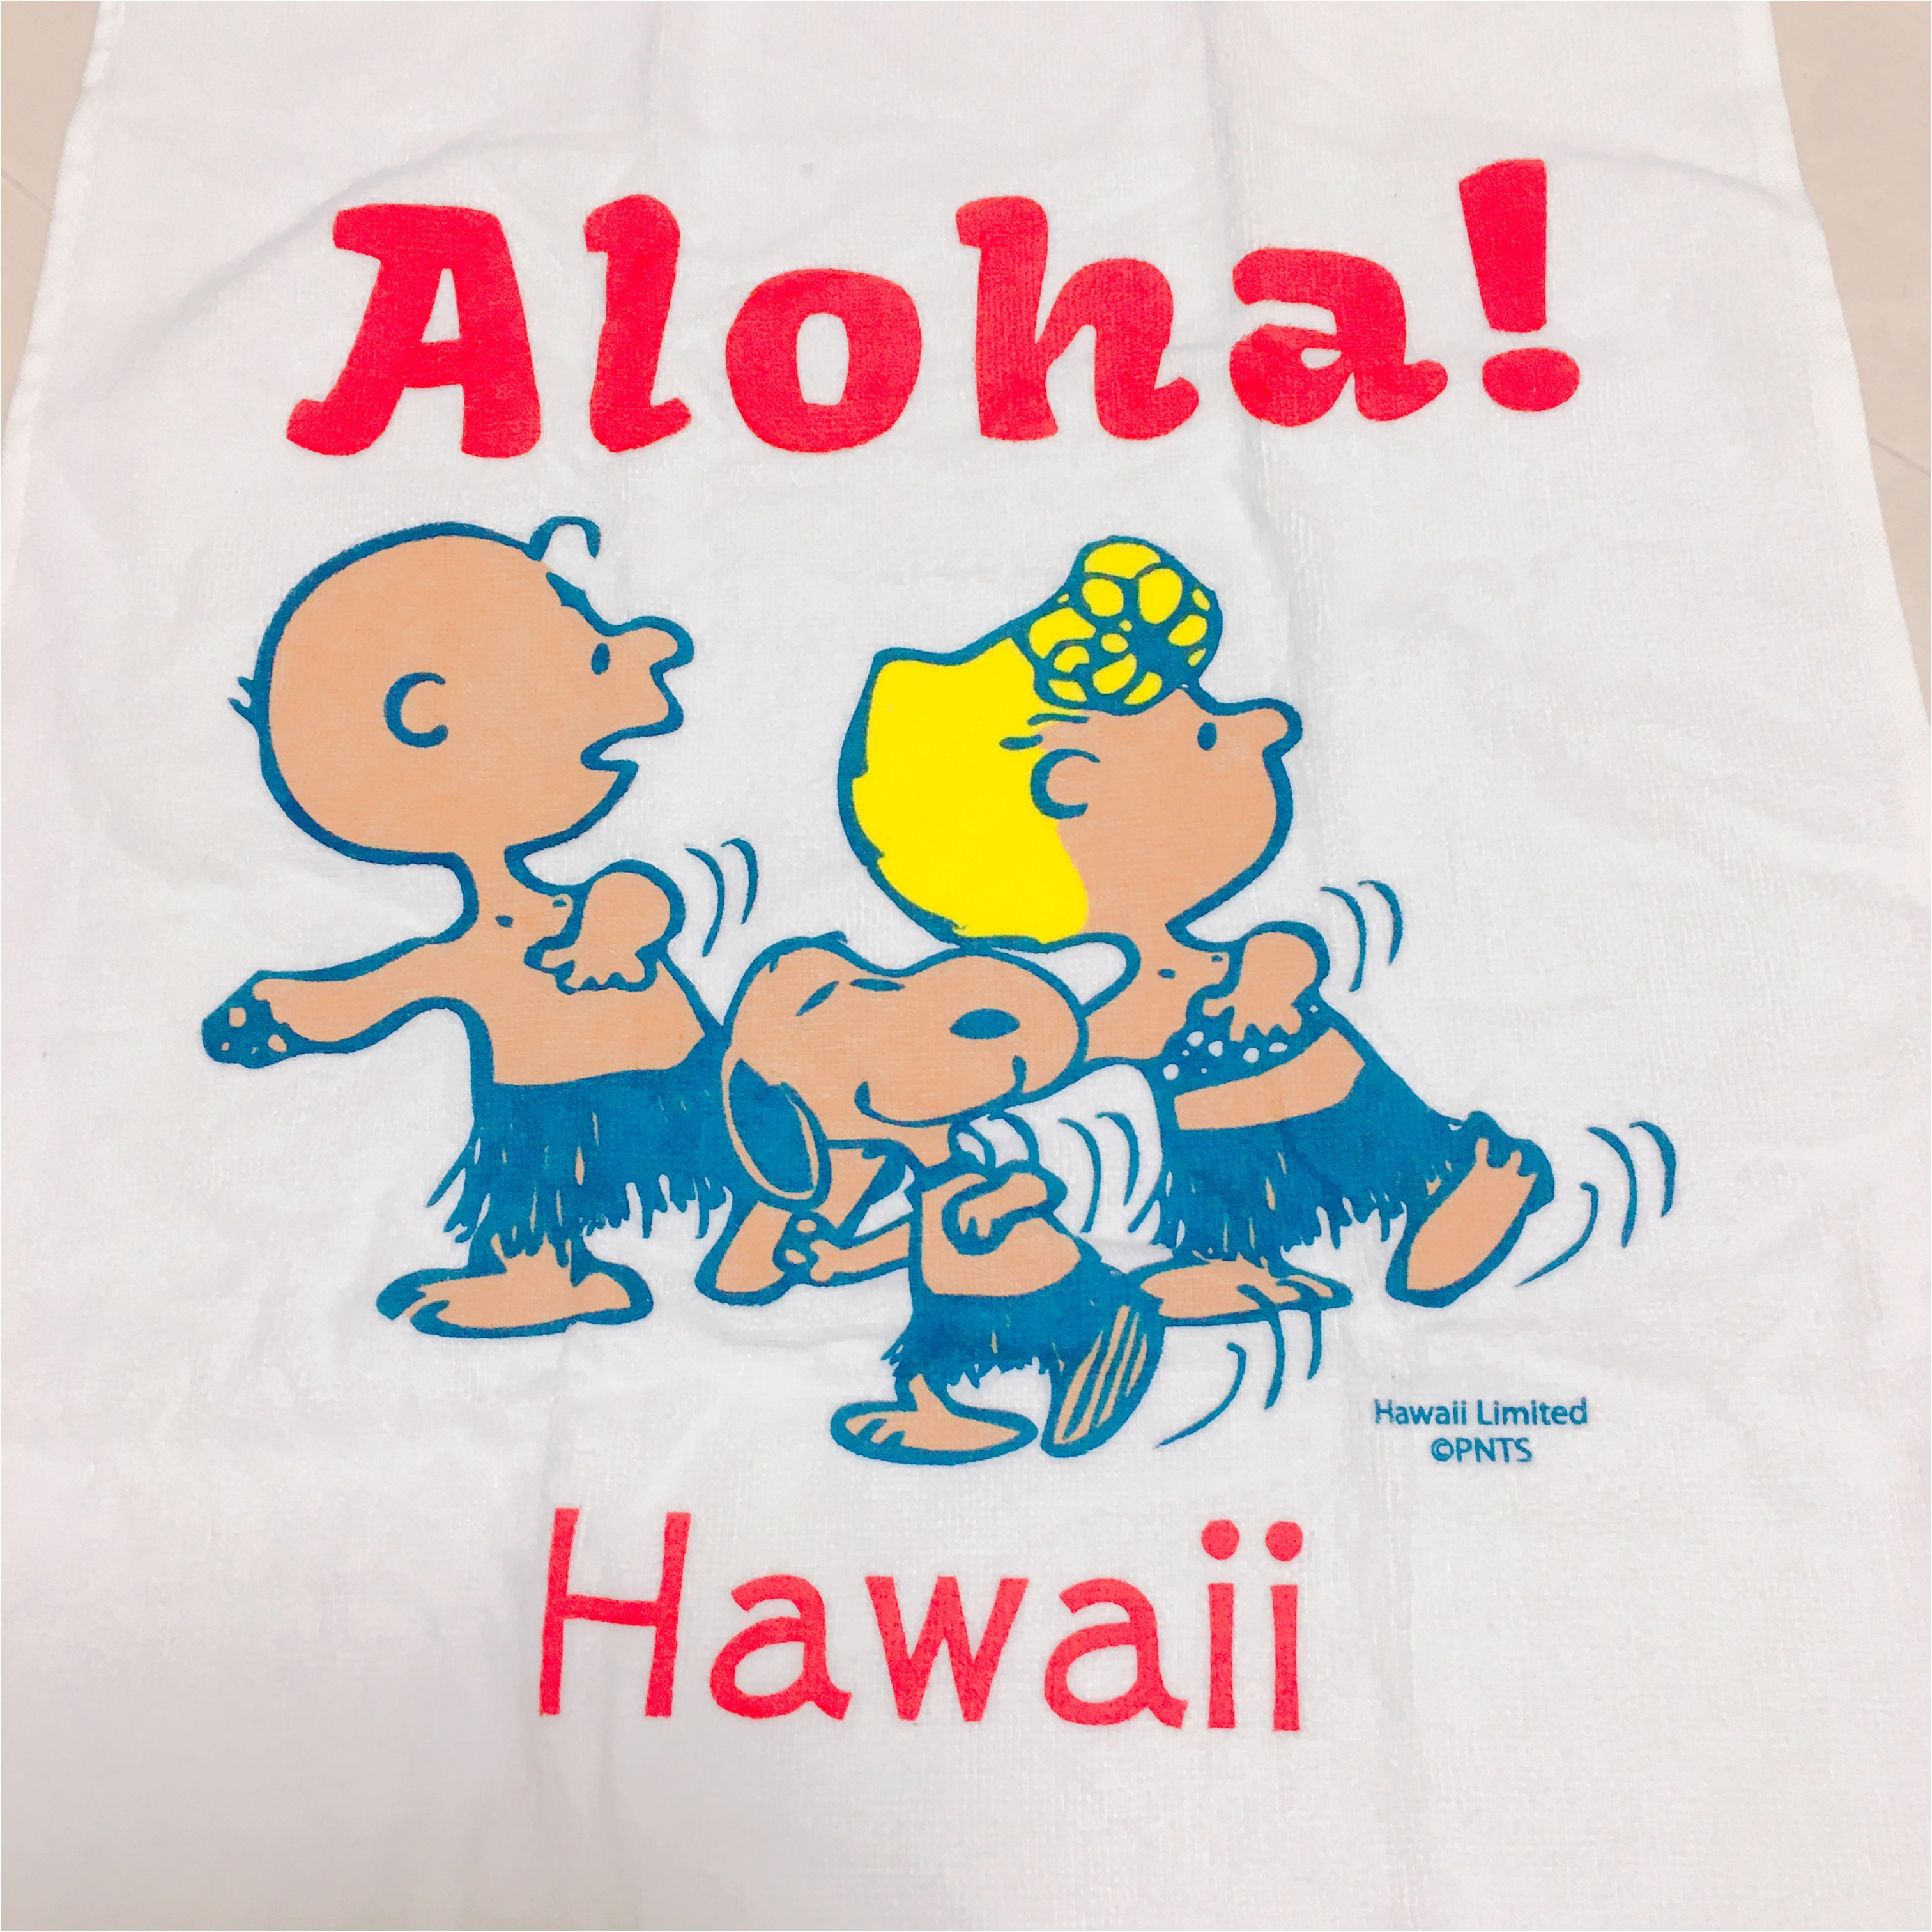 ハワイ女子旅特集 - 人気のカフェやグルメ、インスタ映えスポット、ディズニーなど旅する女子のおすすめまとめ_160